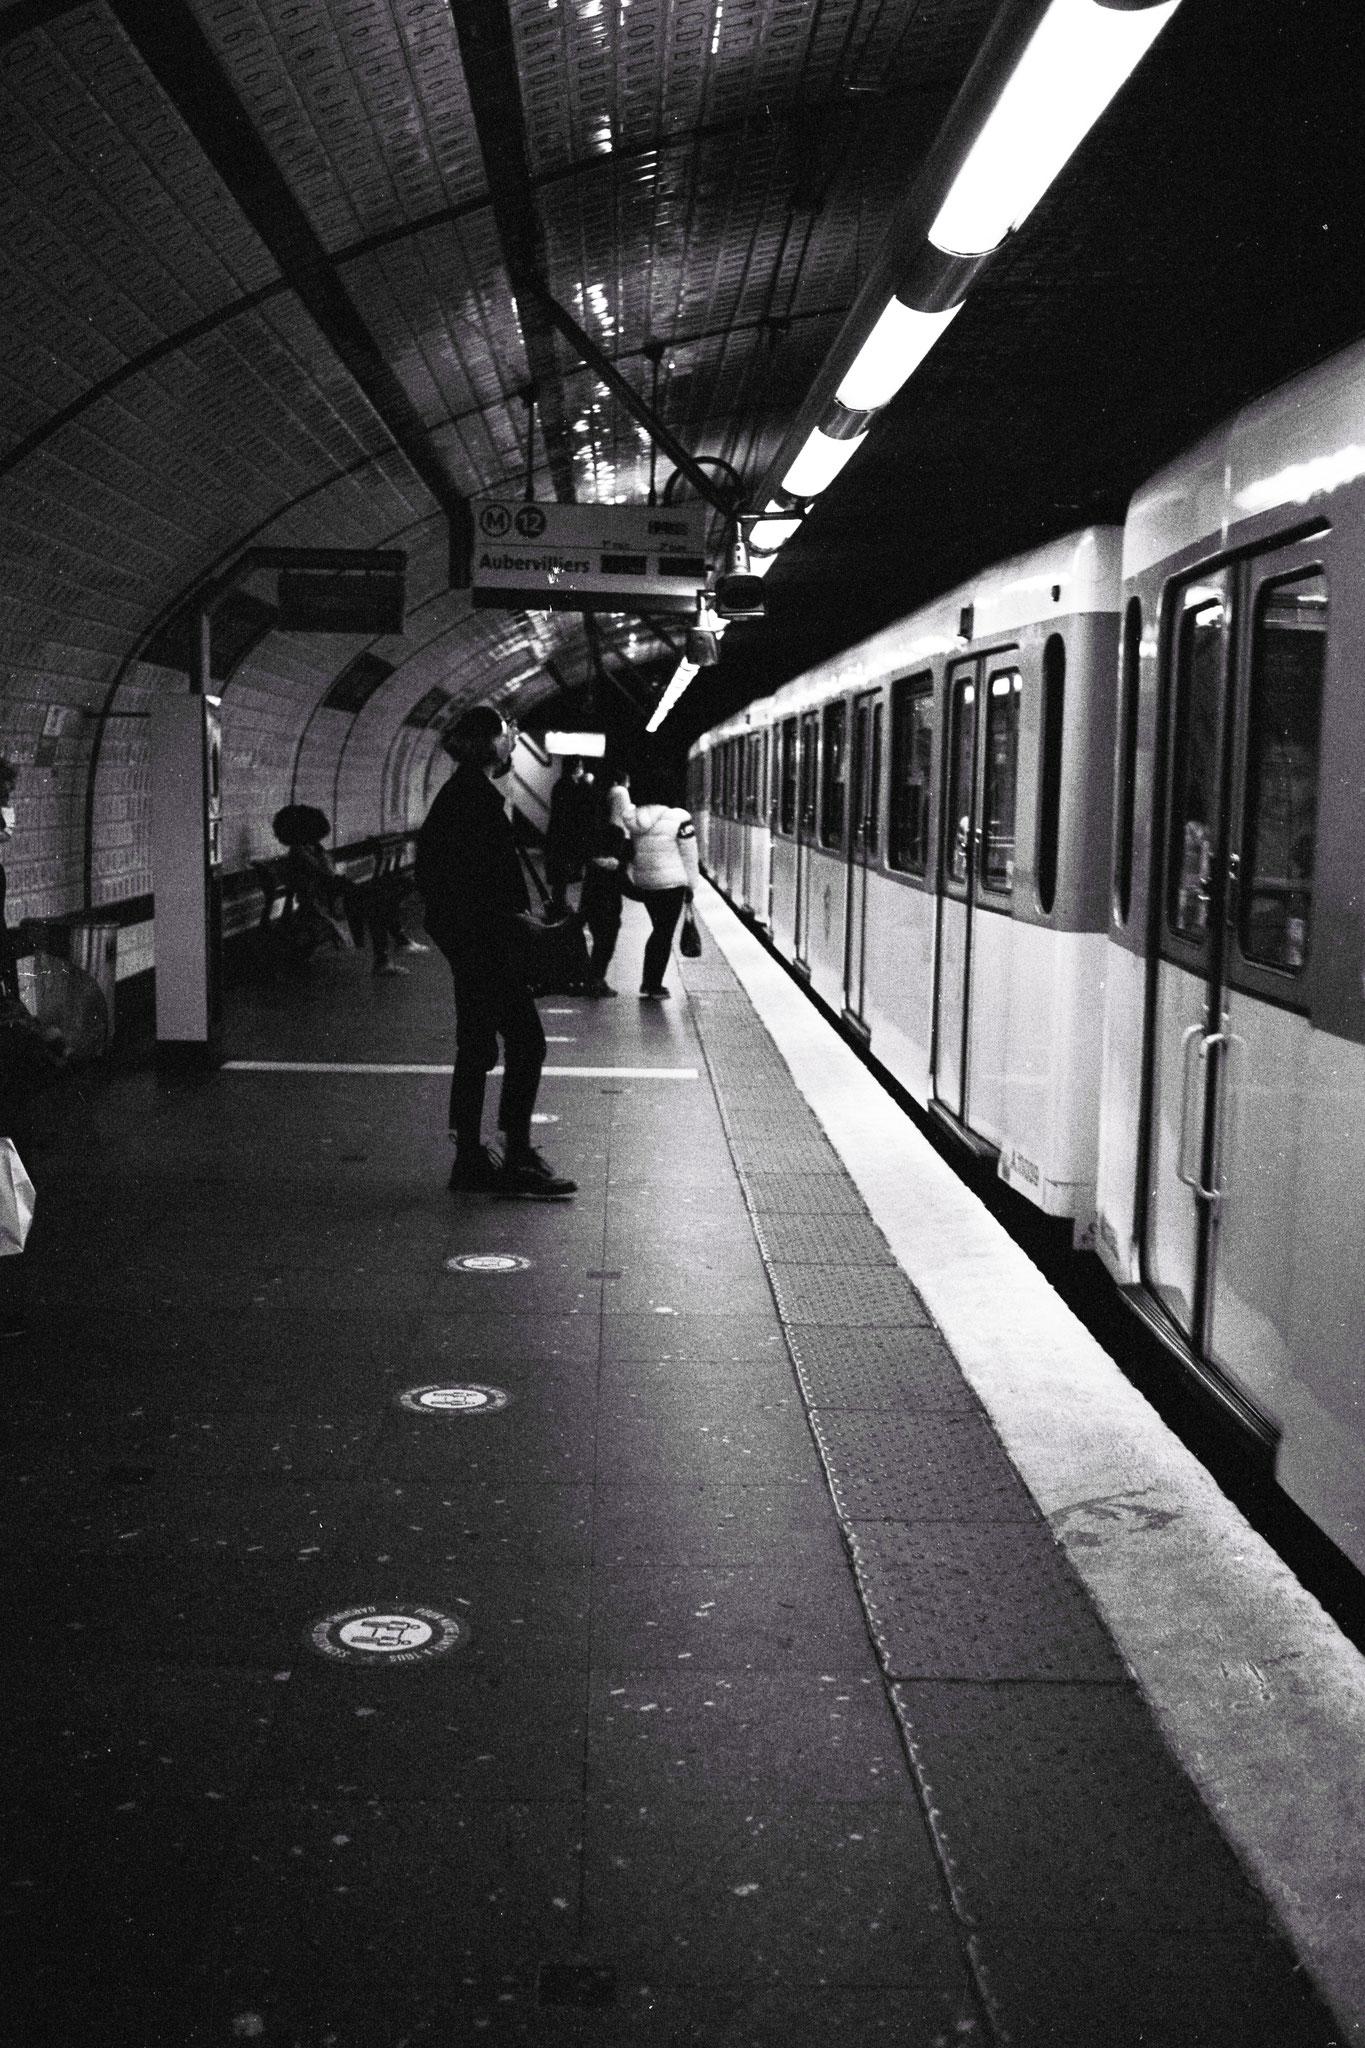 """""""Unknown destination"""" - Station Concorde (M°12), Paris (2021). Rollei Blackbird Creative 64 ASA  + Rolleiflex SL35. ©Clémence Rougetet"""